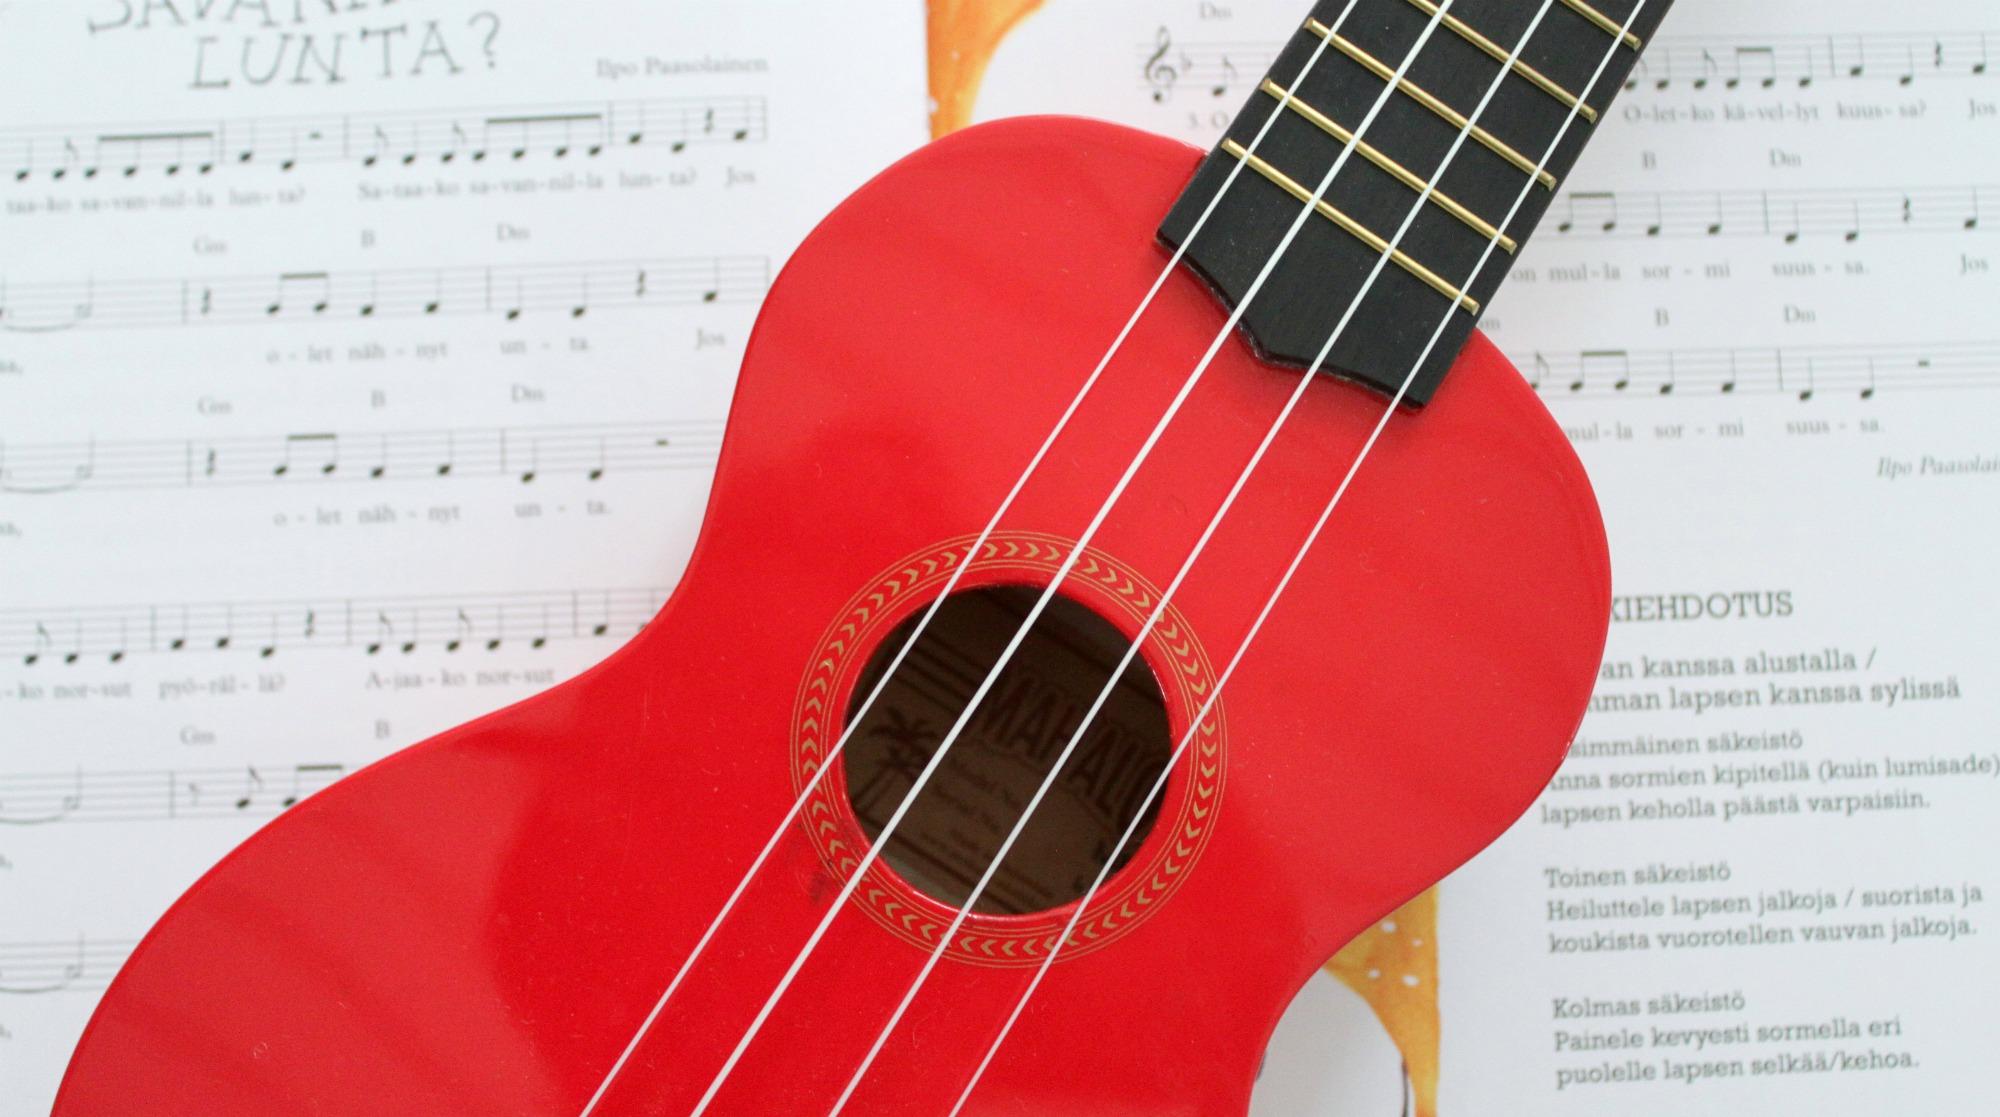 Musiikkivinkkejä